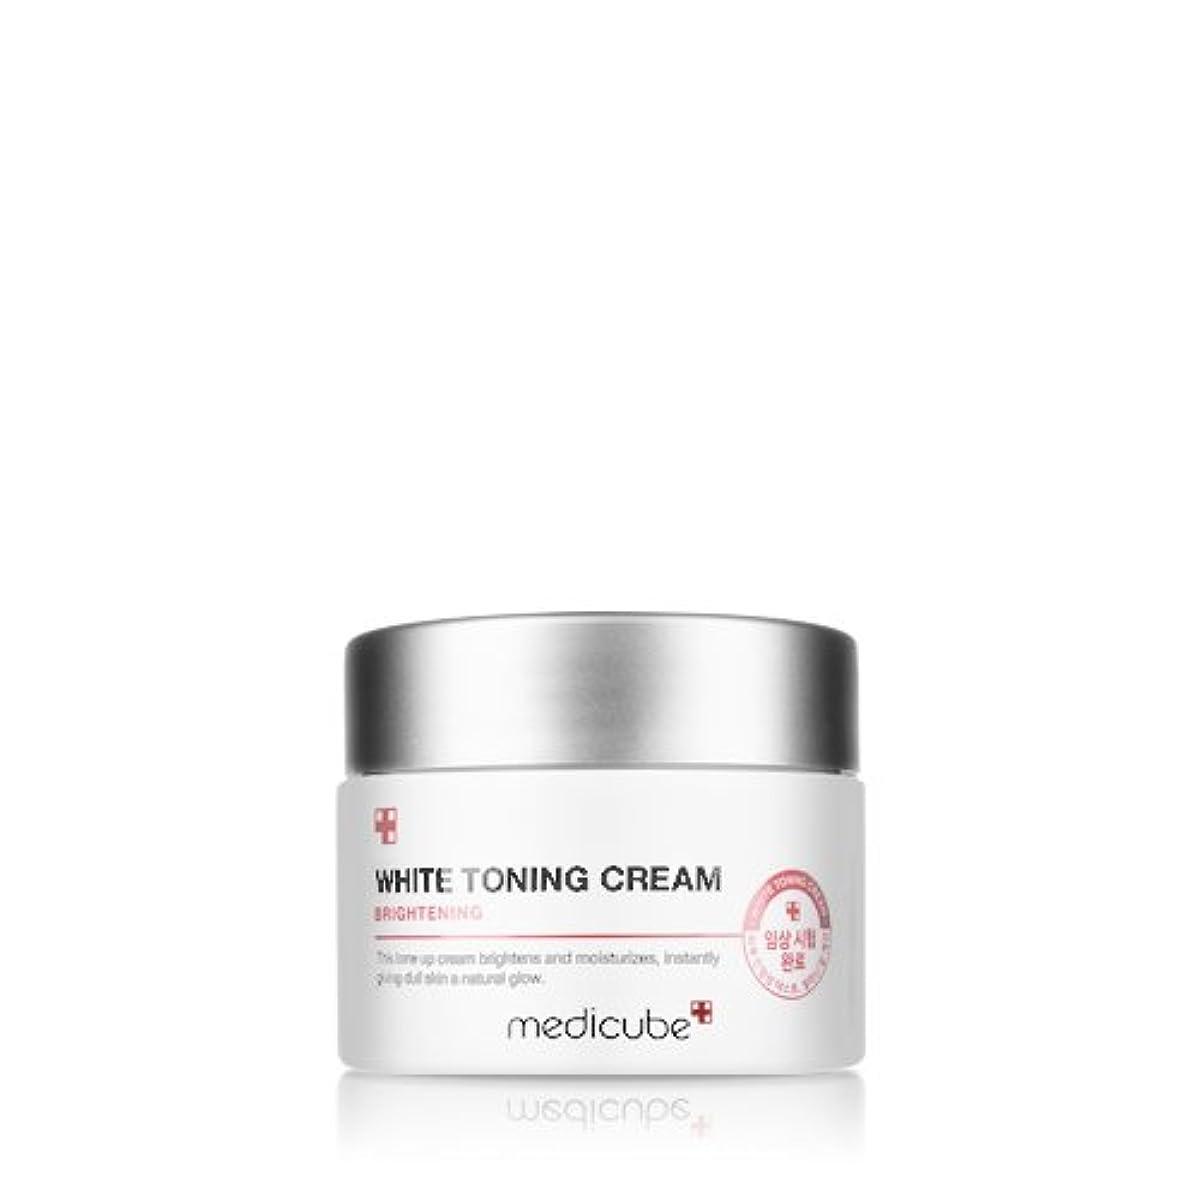 ビルダーミンチ波[Medicube] WHITE TONING CREAM / メディキューブ ホワイトトーニングクリーム / 正品?海外直送商品